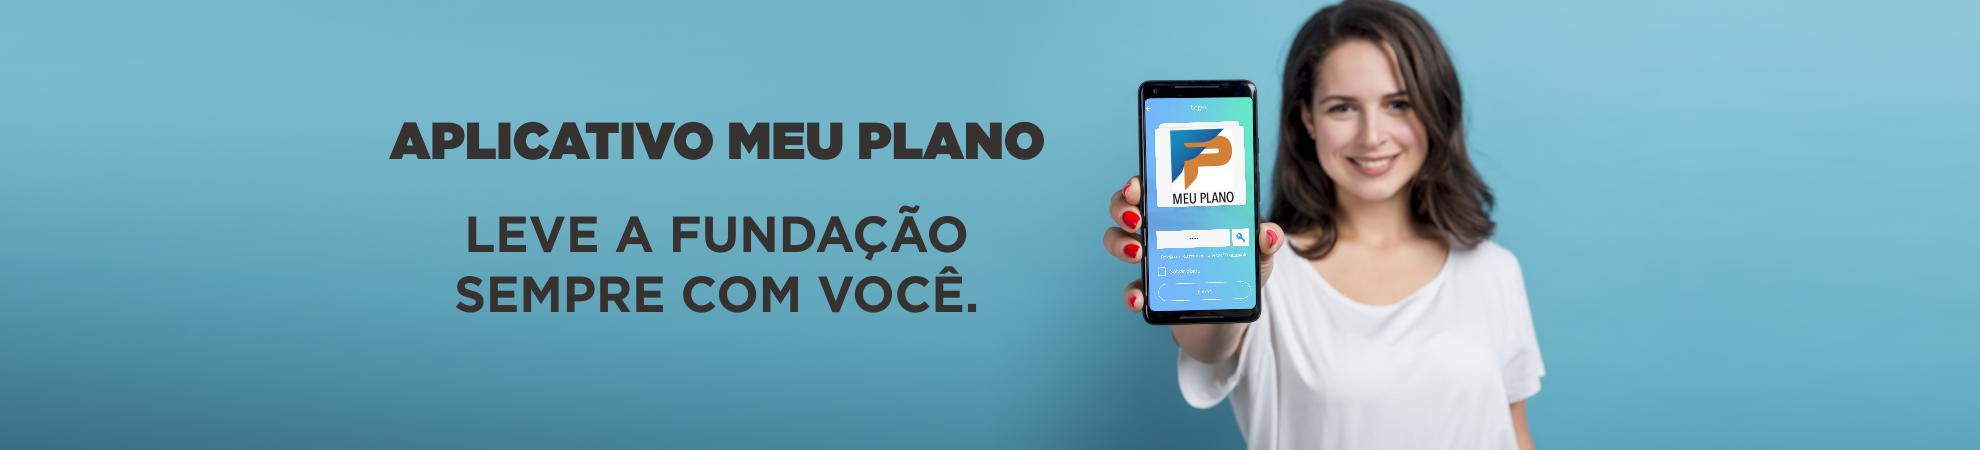 pagina_site_app_meu_plano_3